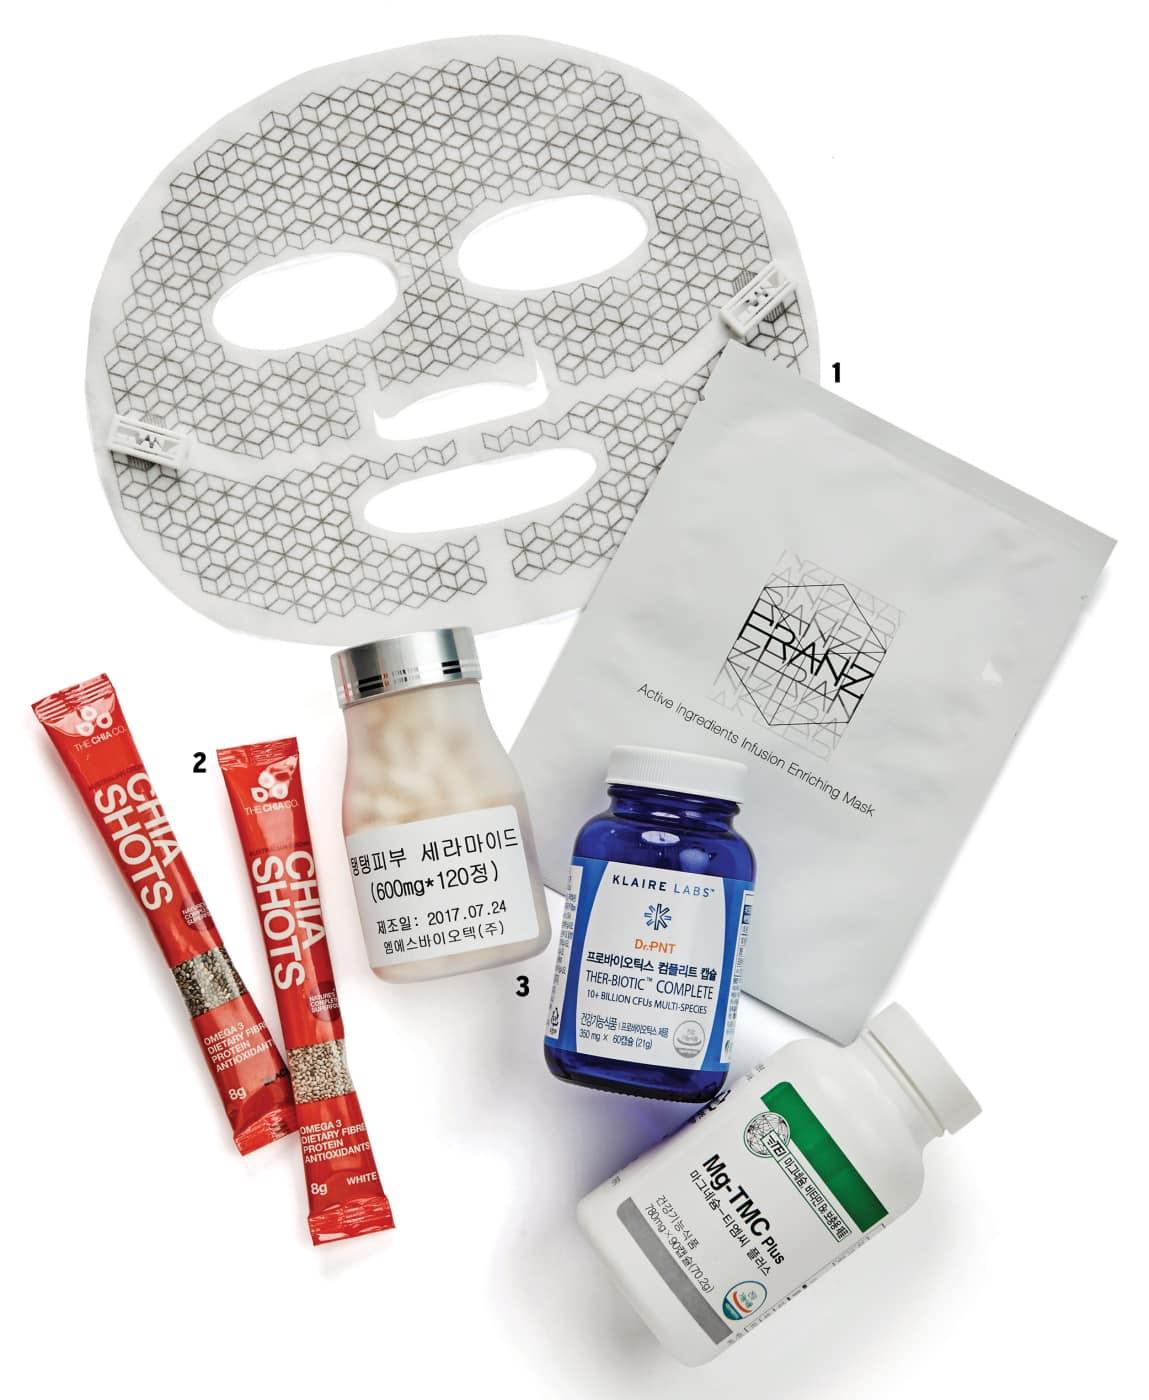 안지현의 동안 필수품 1 시트 마스크 화장품을 많이 사용하지 않지만, 특별히 피부 관리를 해야 할 때는 시트 마스크의 도움을 받아요. 제품 테스트 요청을 많이 받는데, 우연히 사용해보고 그 효과에 놀랐던 제품인 프란츠의 마스크예요. 얼굴에 미세 전류가 흐르게 해서 피부 진피층까지 영양분이 흡수되게 해요. 2 치아 시드 매일 아침 눈을 뜨면 식이 섬유가 풍부한 치아 시드를 요거트에 섞어서 먹어요. 배변이 원활해질 뿐 아니라, 항염증 성분을 함유하고 있어 노화 방지에도 효과적이에요. 3 마그네슘제 비슷한 양의 음식을 먹어도 나이가 들수록 더 쉽게 살이 찌는 것은 신진대사가 떨어지기 때문이에요. 마그네슘은 우리 몸에 꼭 필요한 무기질의 하나로 신진대사를 높여주는 역할을 해요. 40대 이상은 반드시 복용해야 할 이너뷰티 제품이죠.